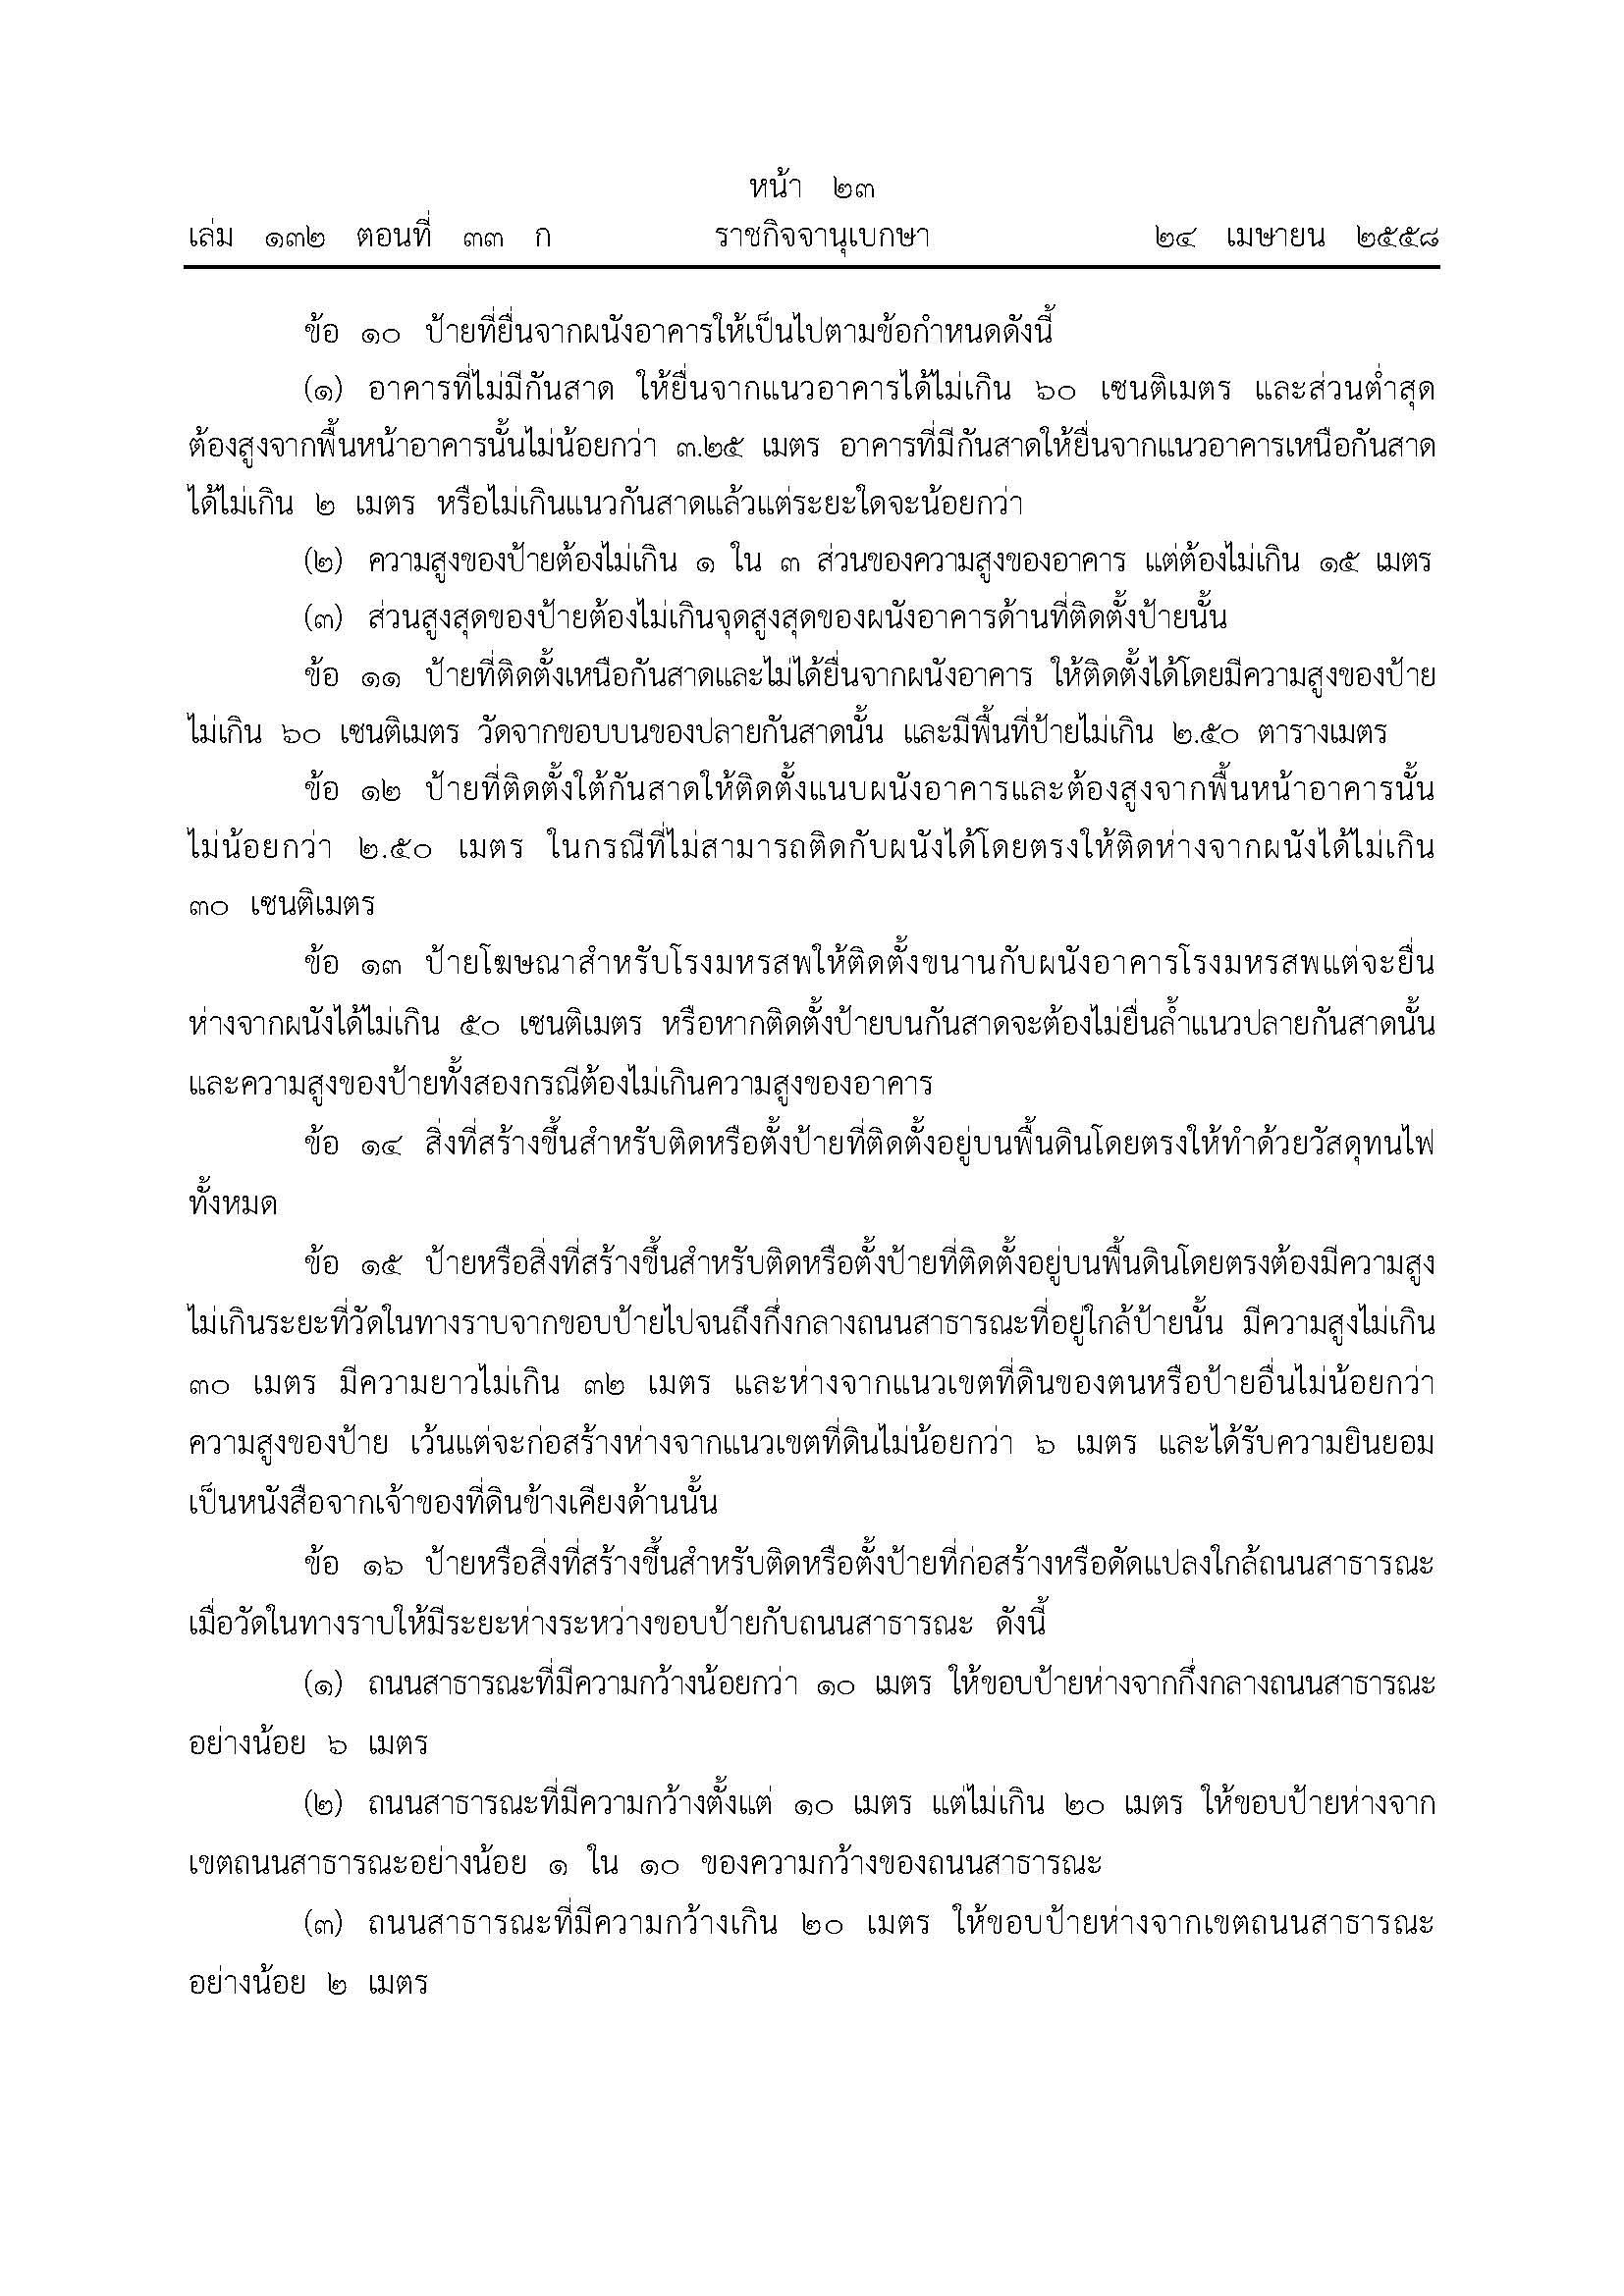 กฎกระทรวง 2558_Page_05